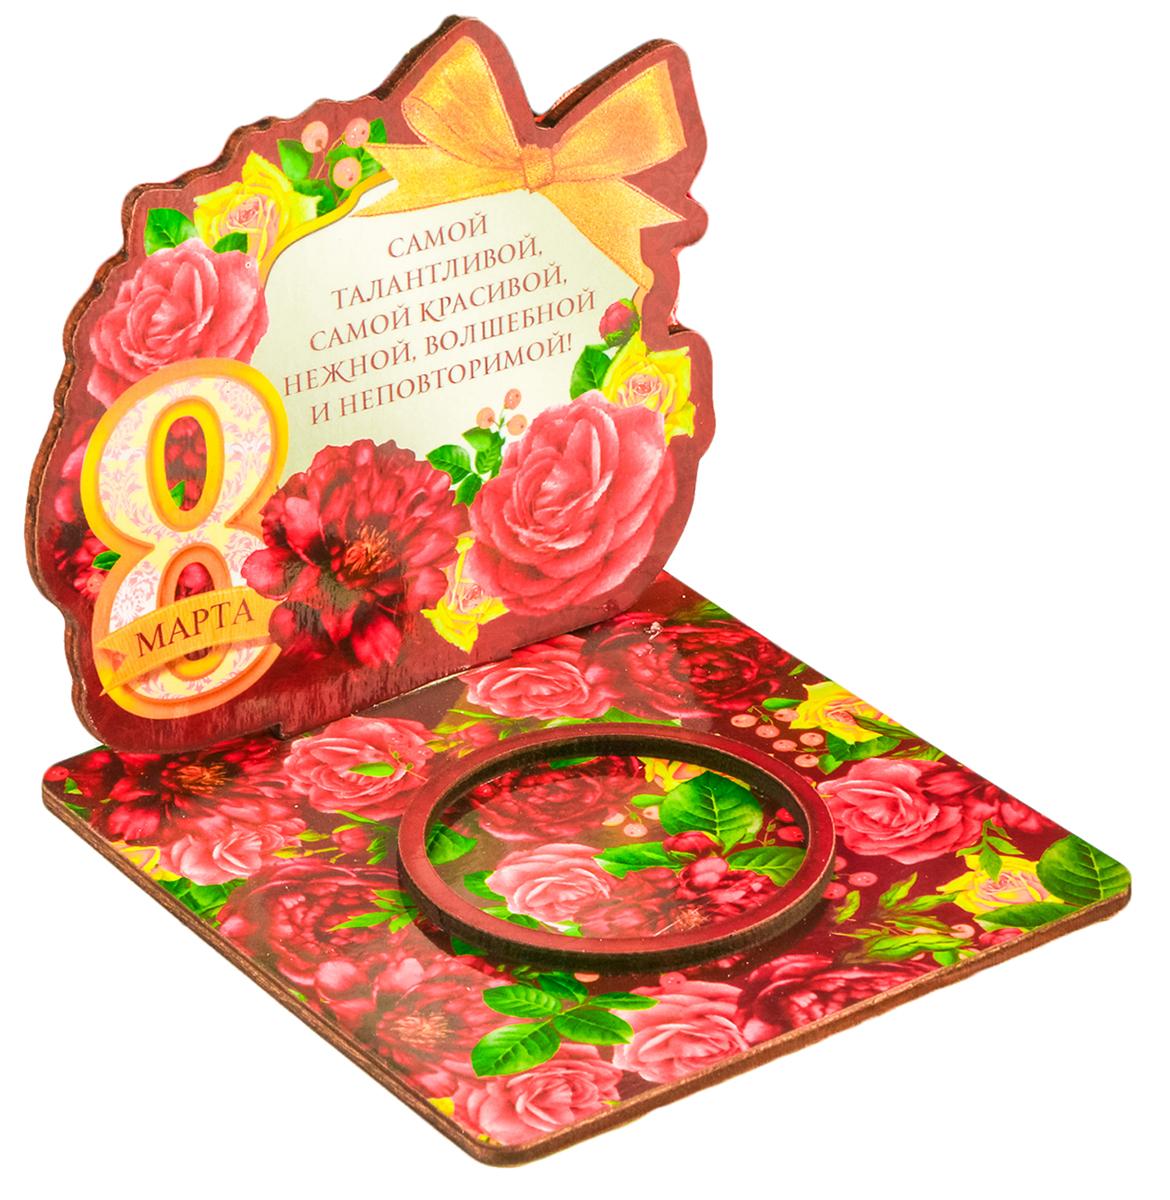 Подсвечник Самой красивой, цвет: красный, розовый, 8 х 8,5 х 0,5 см2593550Огонь всегда являлся символом тепла и спокойствия, поэтому изысканный подсвечник станетпрекрасным подарком и украшением любого интерьера. Он будет радовать вас и ваших близкихкаждый вечер. Изделие отлично смотрится на журнальном столике или на полочке с книгами,обращает на себя внимание своими изящностью и лаконичностью, а пламя внутри него заворожитвас игрой.